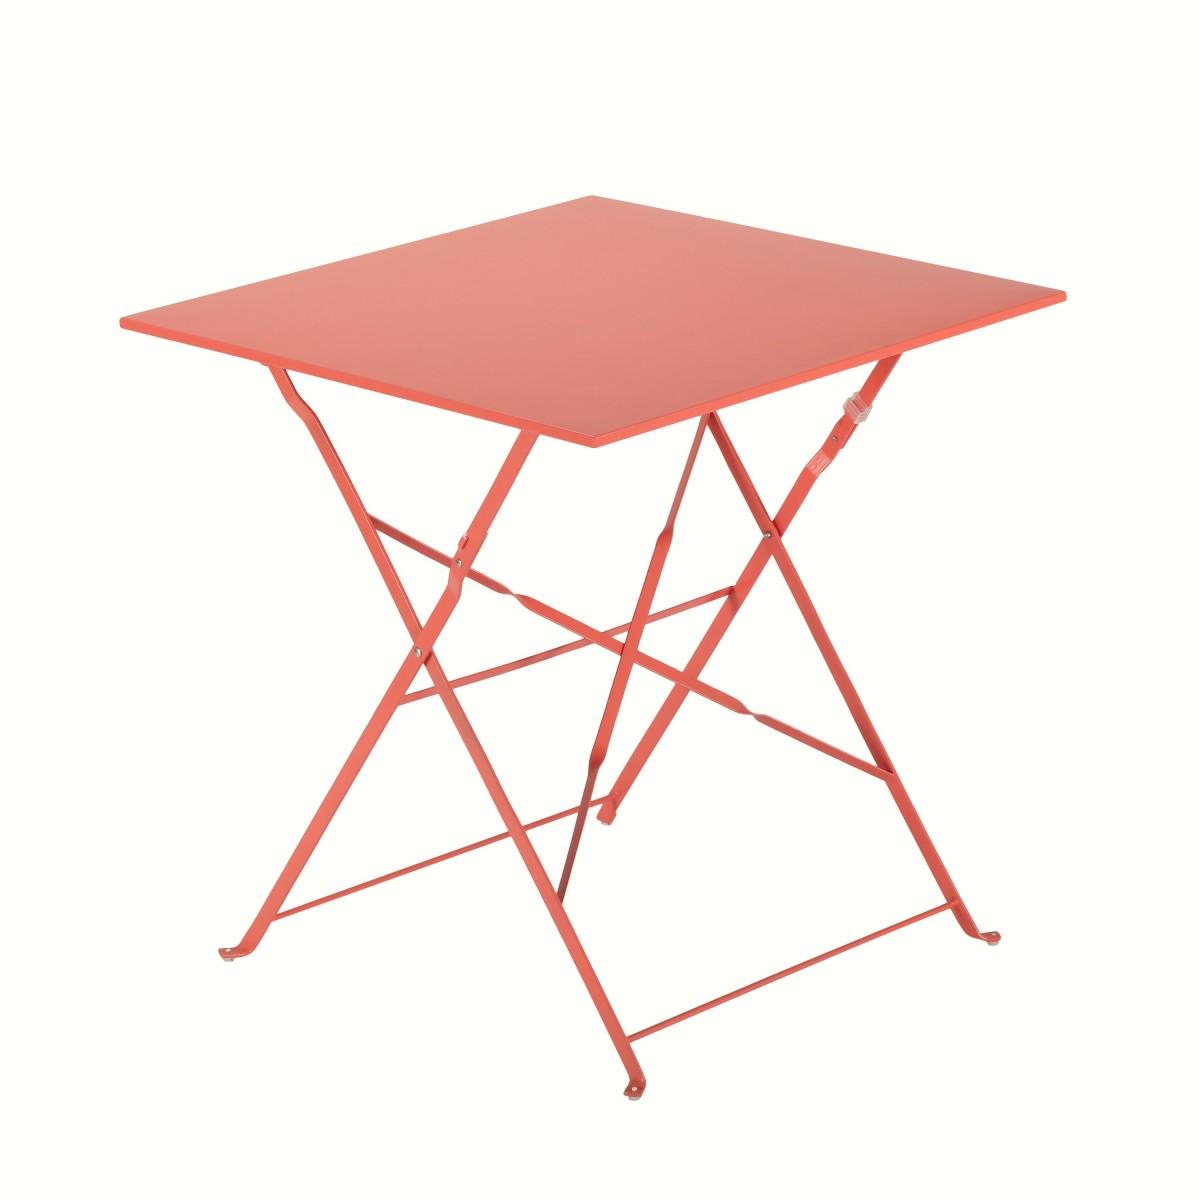 Стол садовый квадратный Naterial Flora Origami складной 70х70х71 см сталь красный